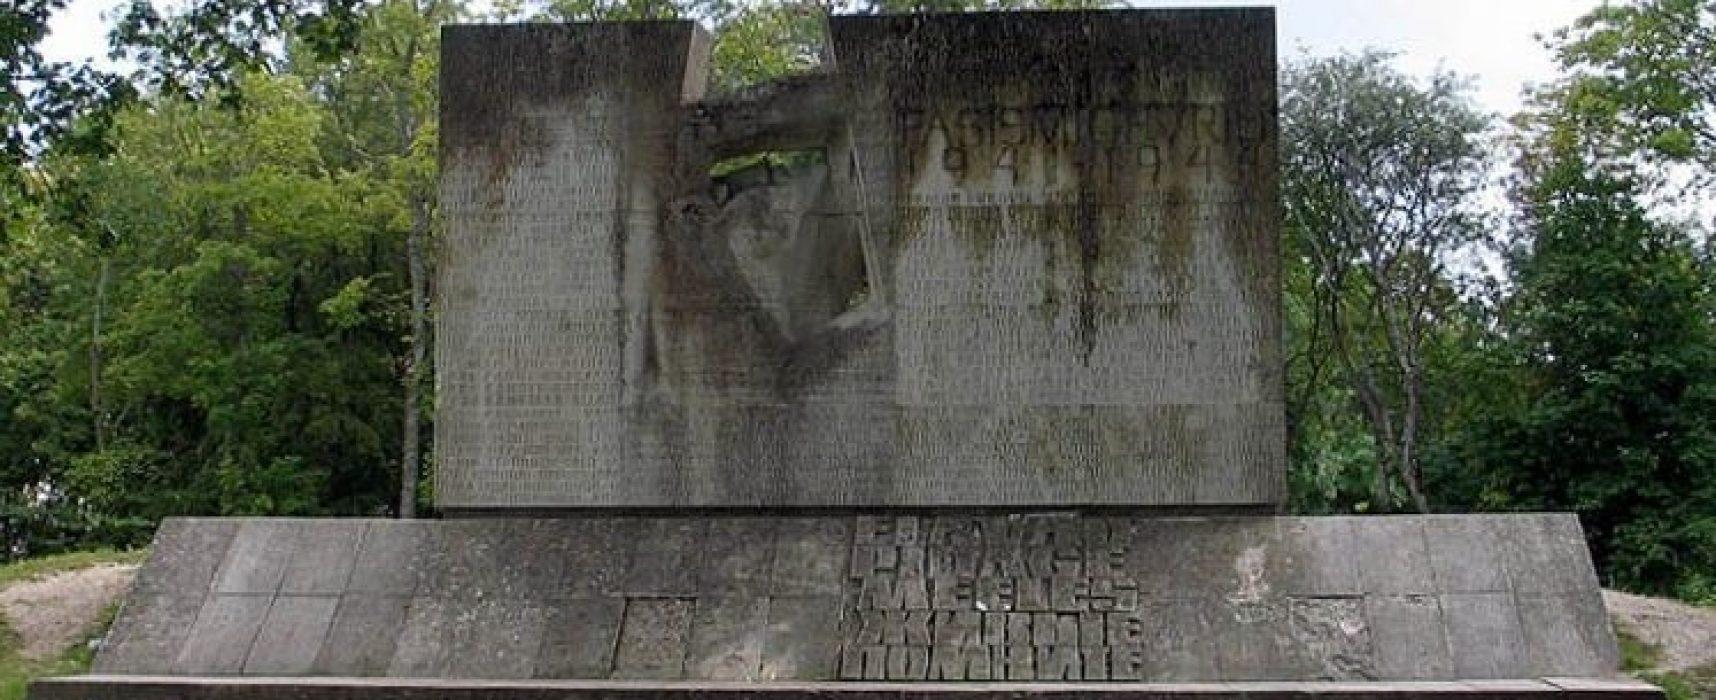 Фейк РИА «Новости»: в Естонії назвали «малоцінним» сплюндрований пам'ятник жертвам фашизму